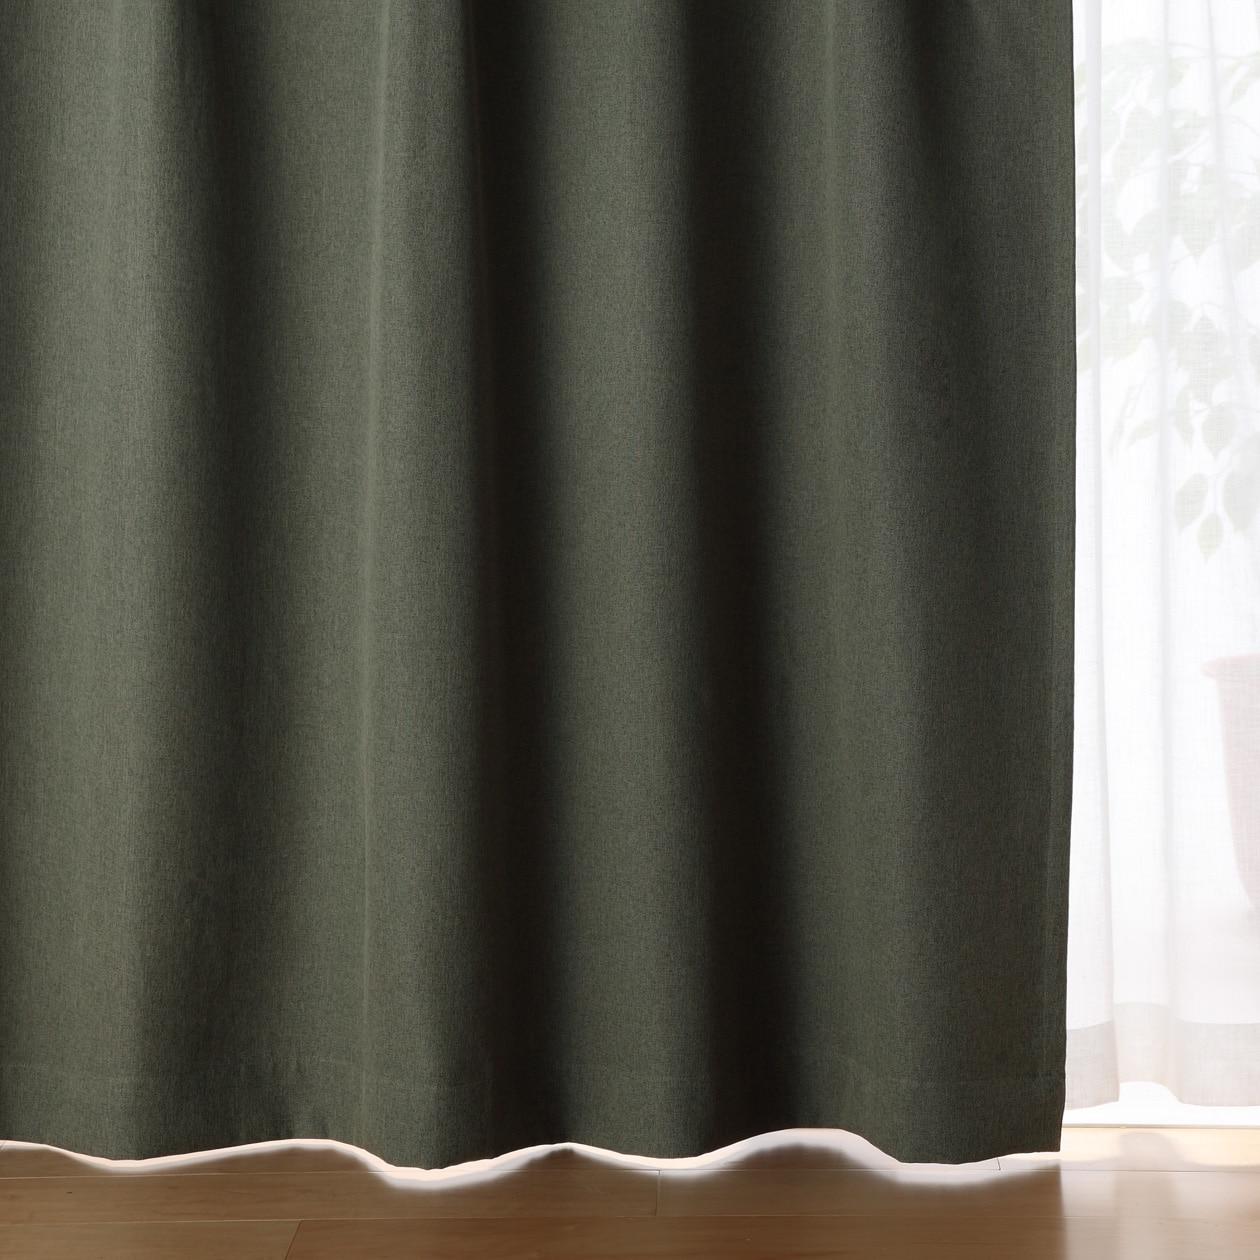 ポリエステルドビー織(防炎・遮光性)プリーツカーテン/ベージュ 幅100×丈178cm./グリーン